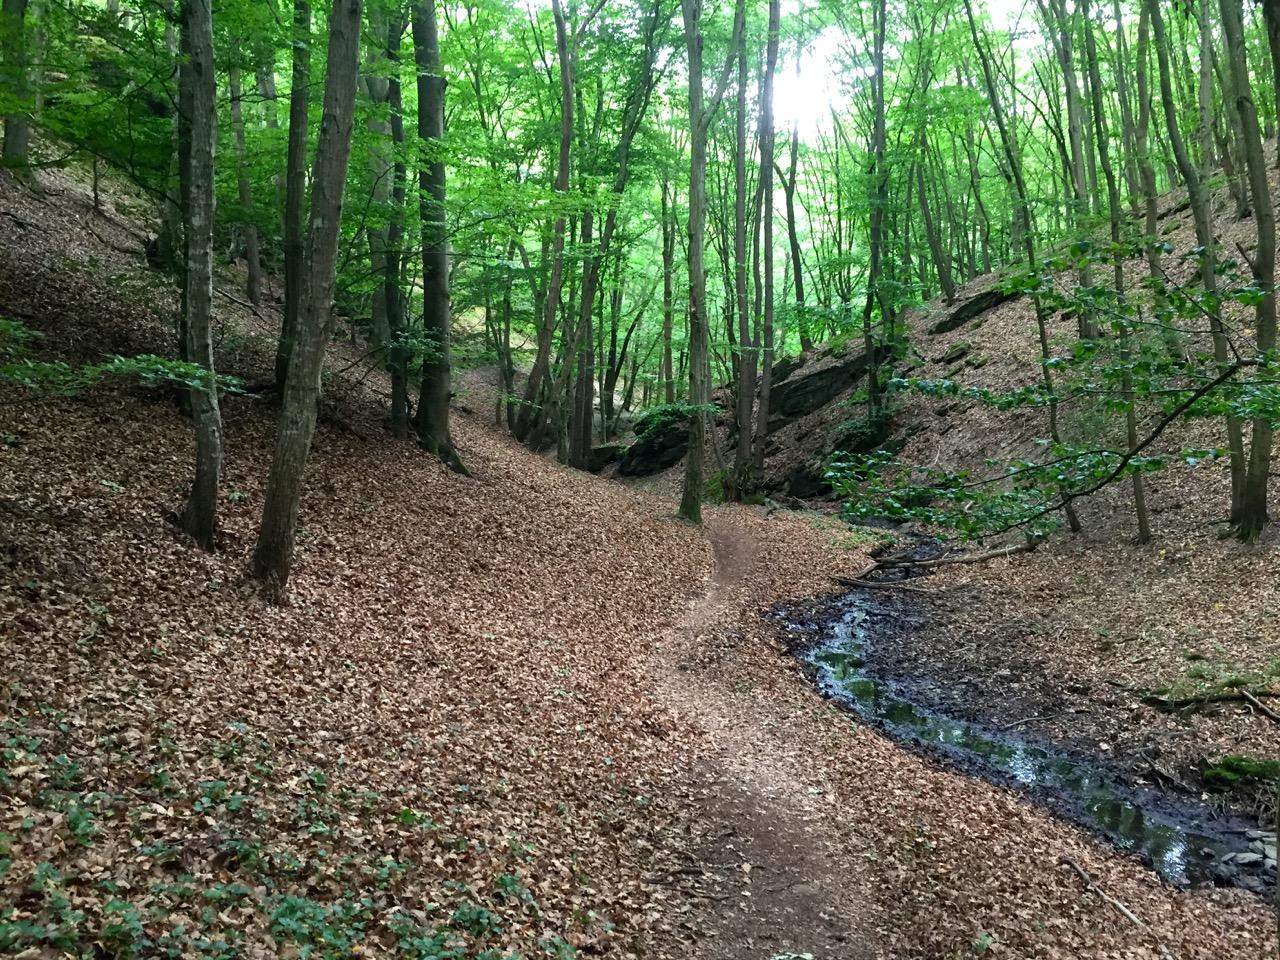 Traumschleife Ehrbachklamm – Im Tal fließt ein kleiner Bach